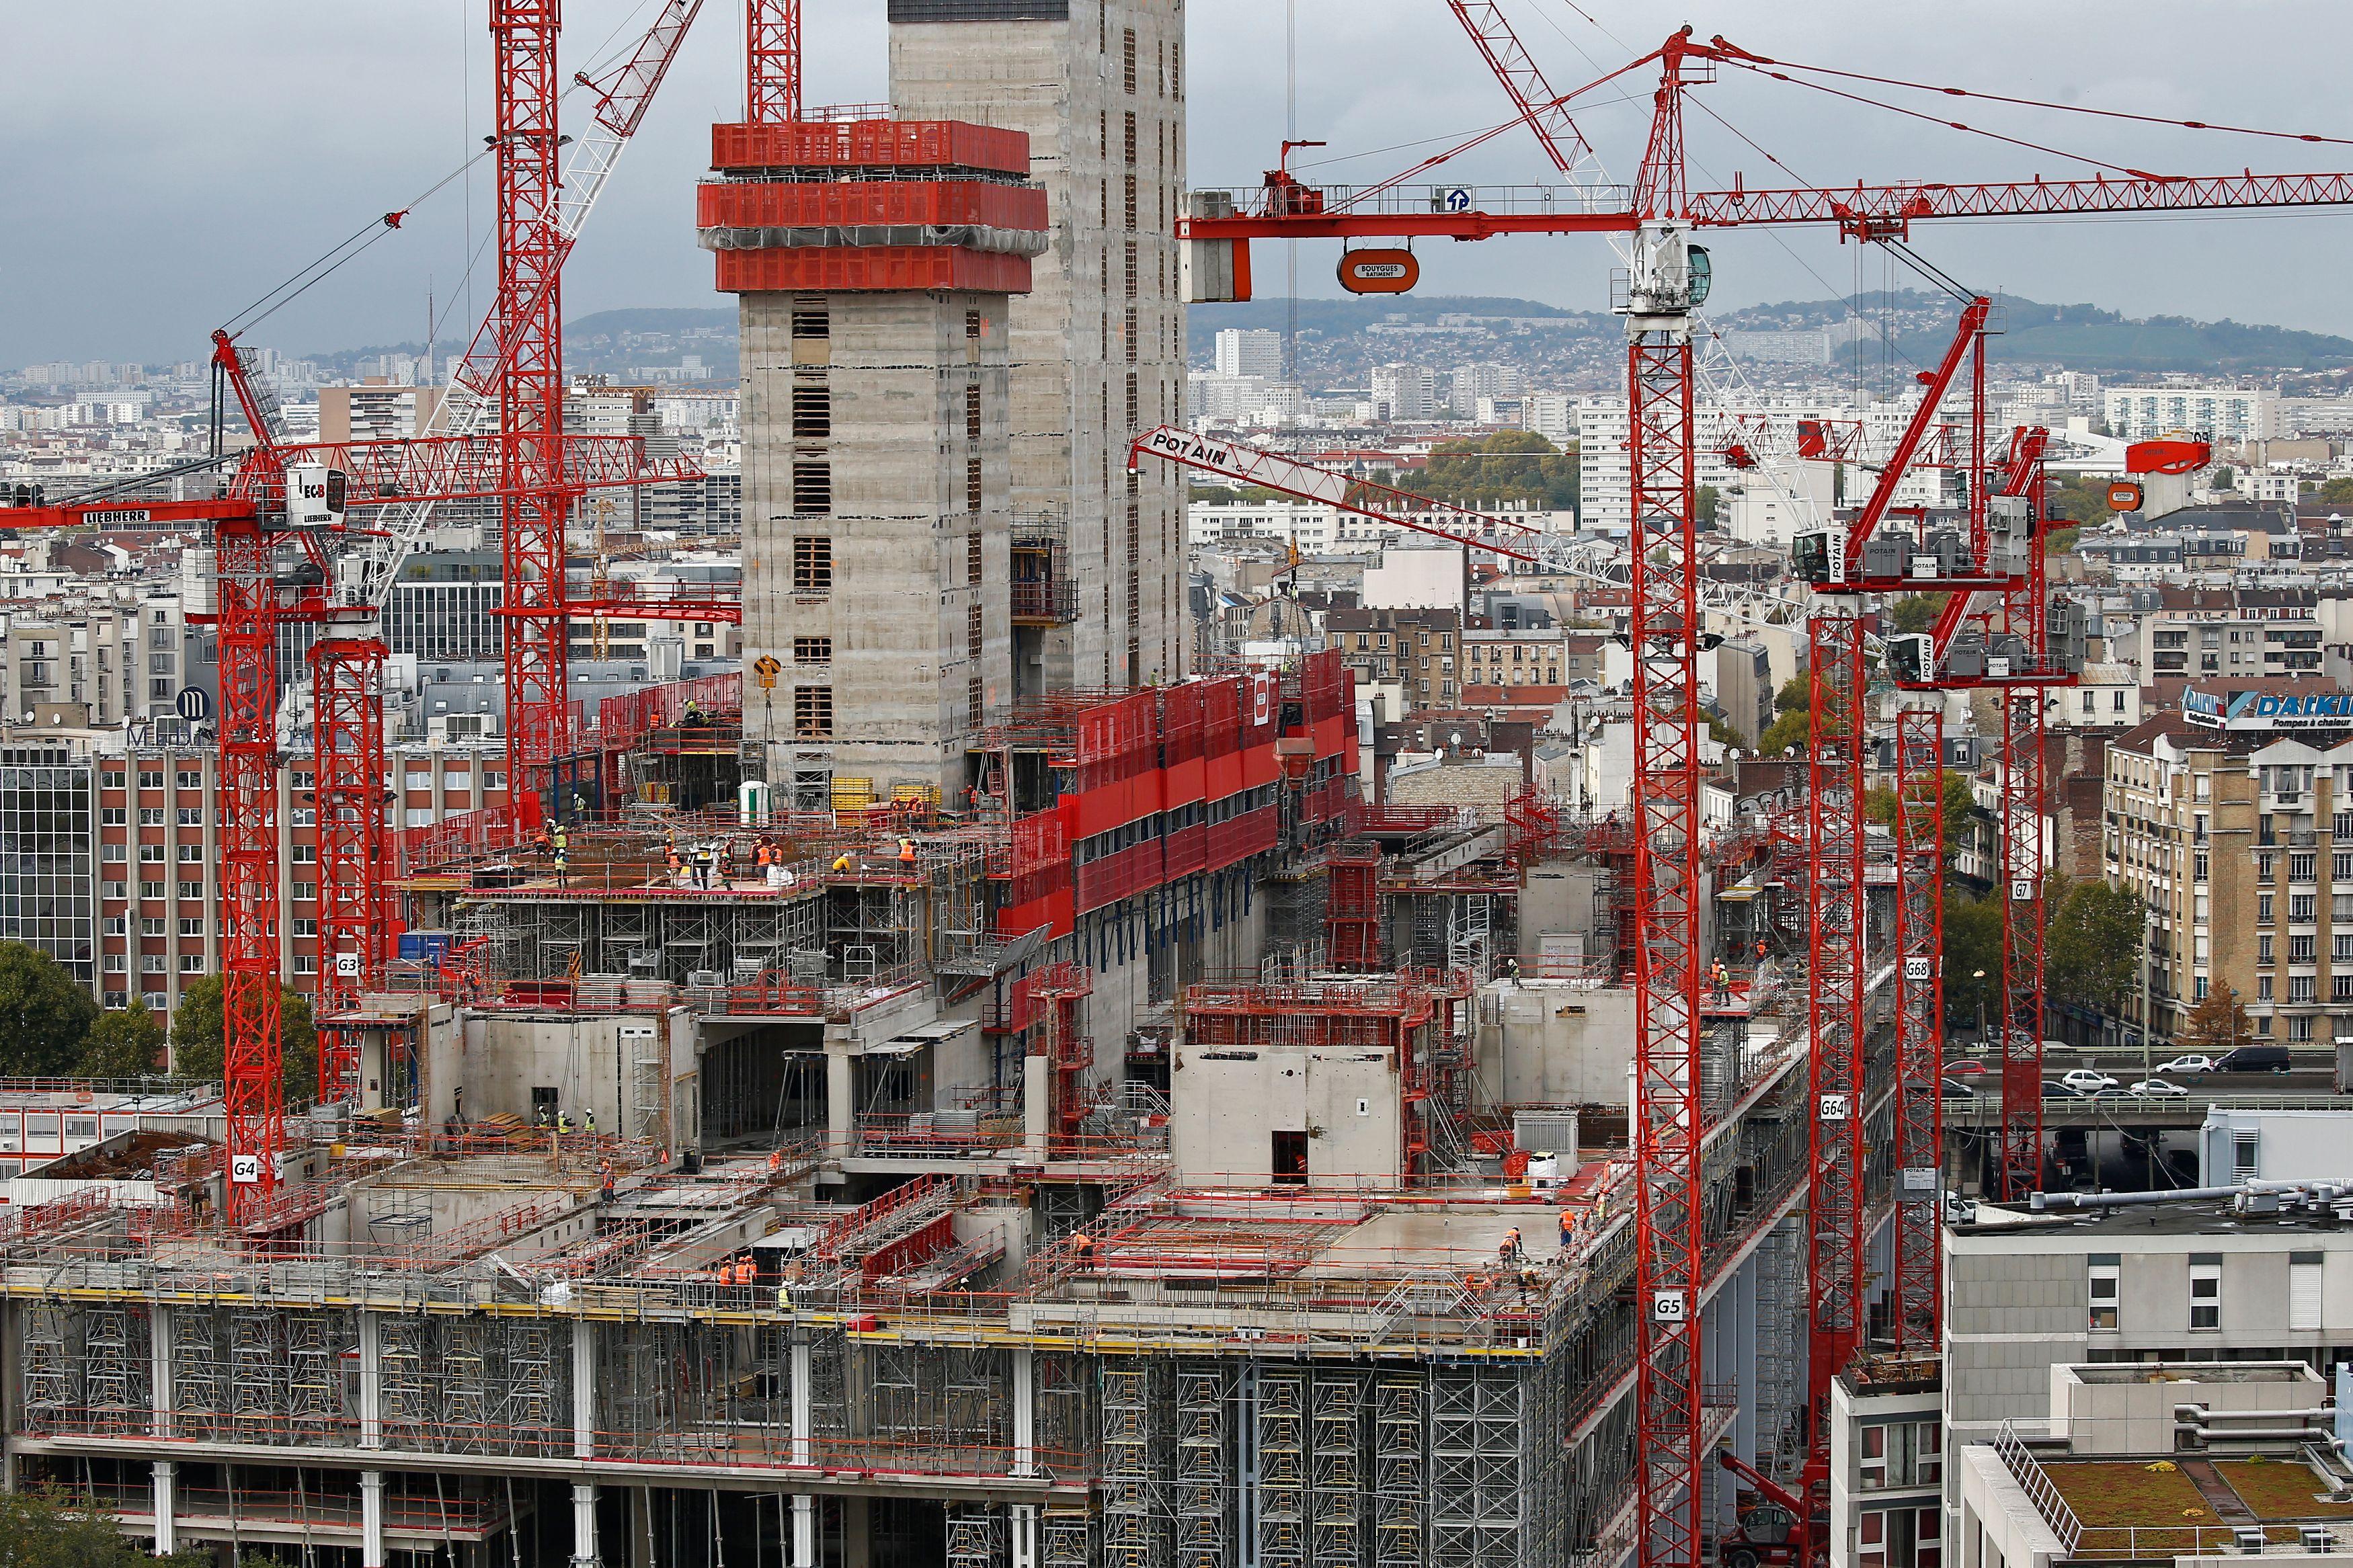 Immobilier : les loyers en baisse au premier semestre 2017, notamment à Paris